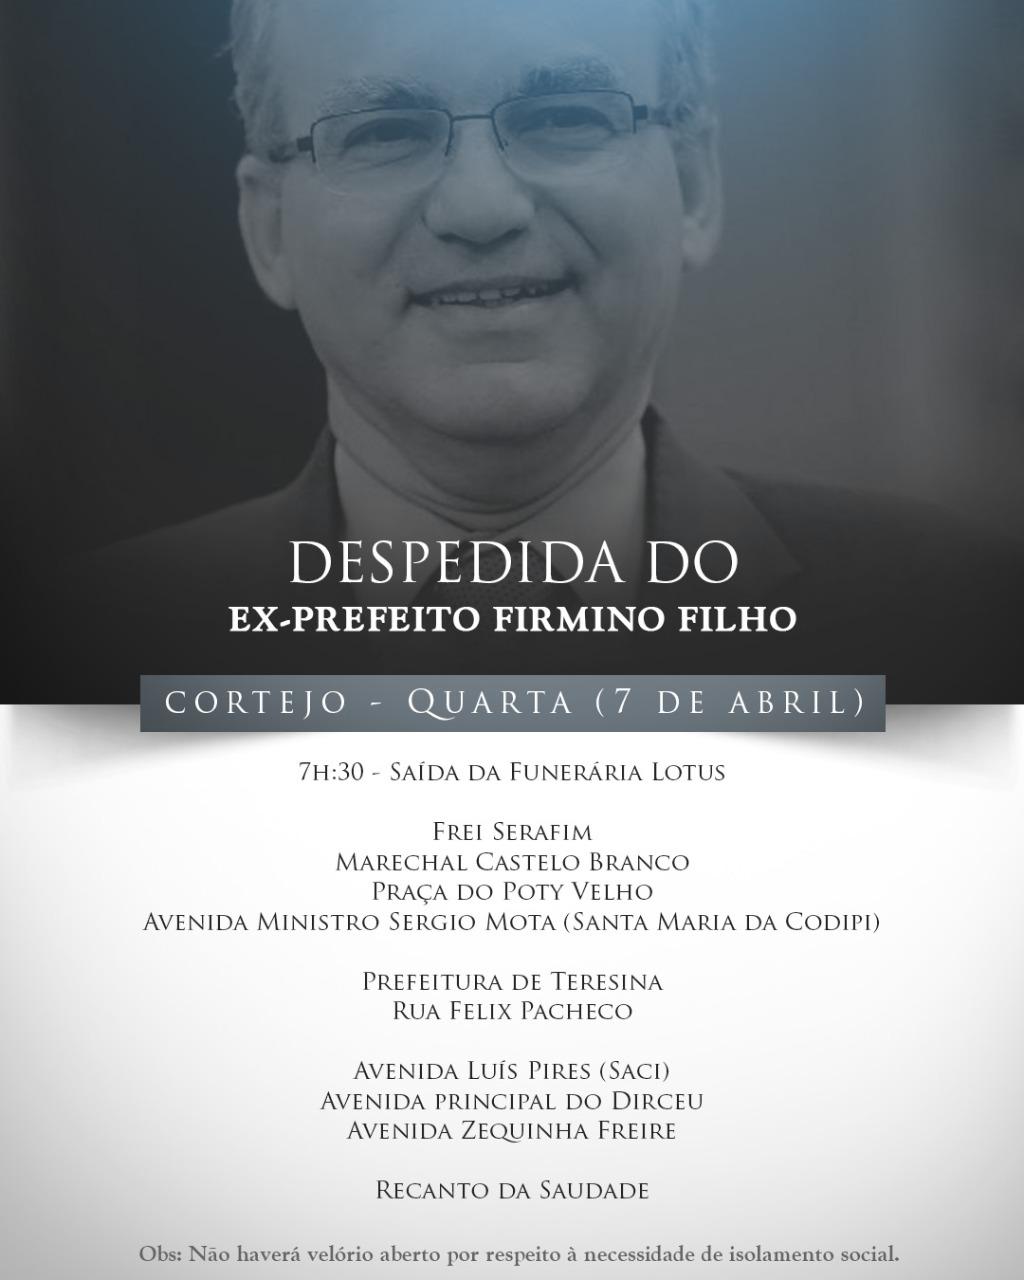 Ex-prefeito Firmino Filho morreu aos 57 anos